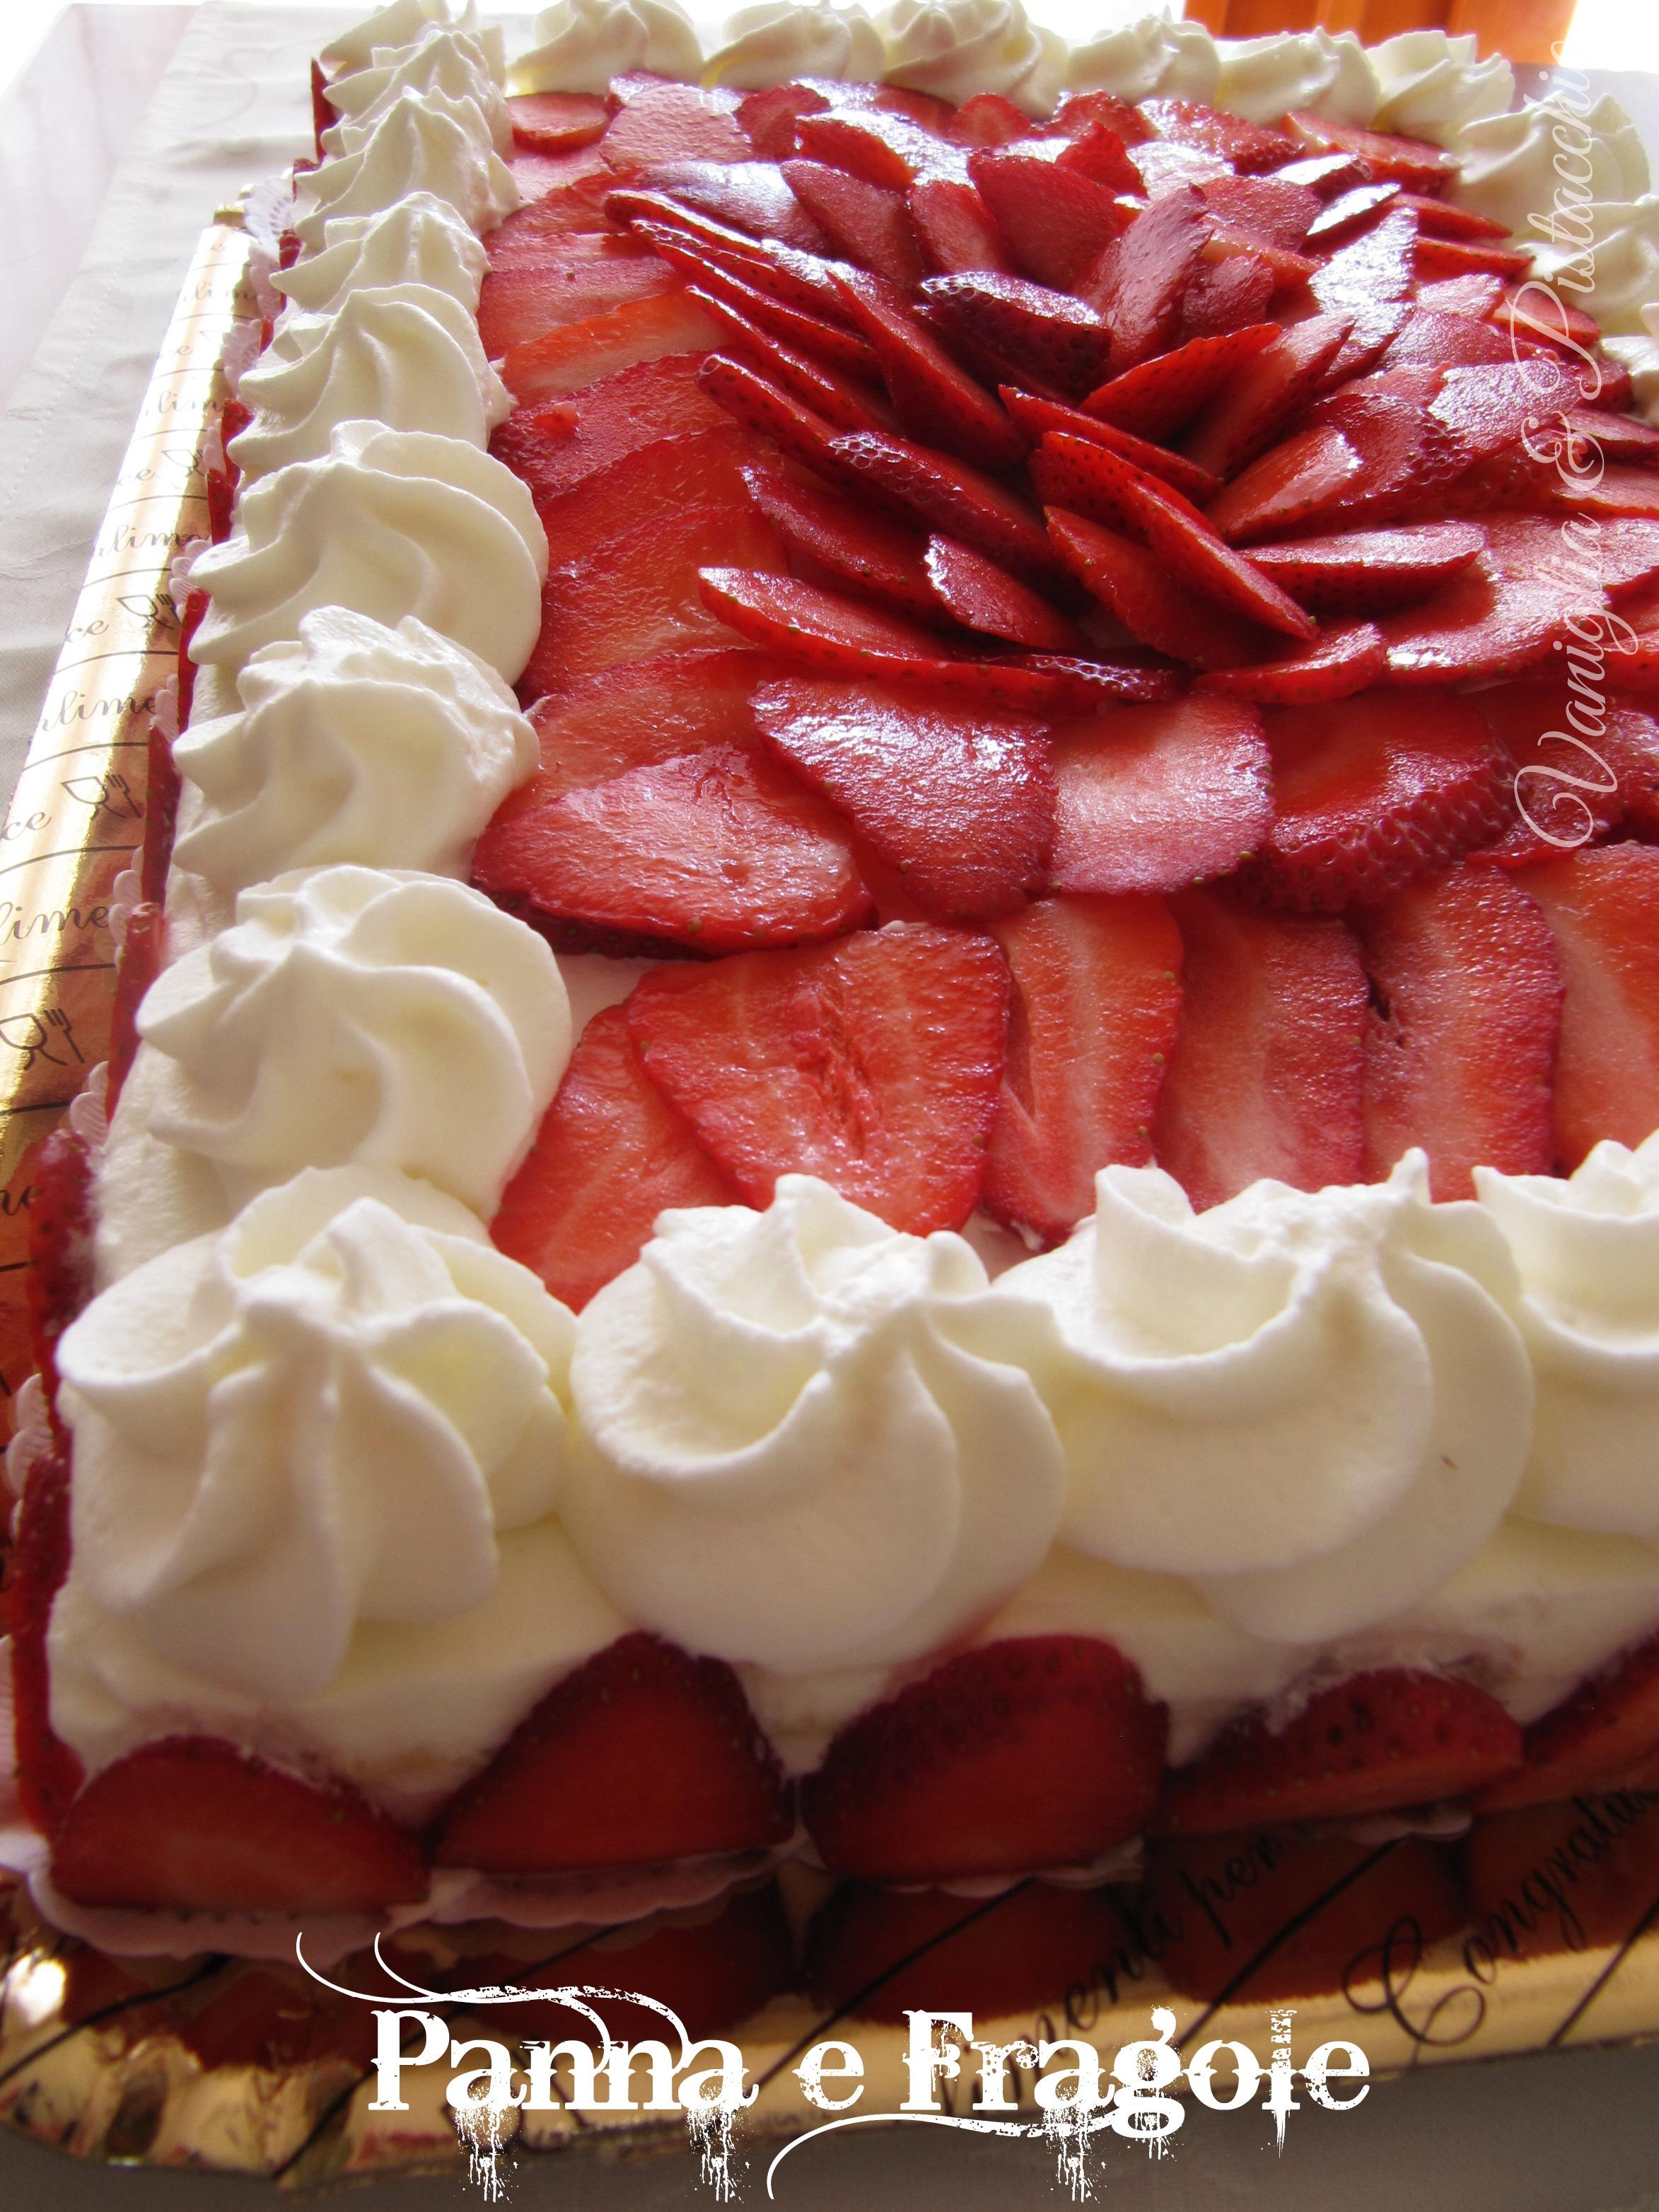 Questa è una classicissima torta di compleanno panna e fragole, fatta con  il pan di spagna di Montersino (è la ricetta che uso più di frequente),